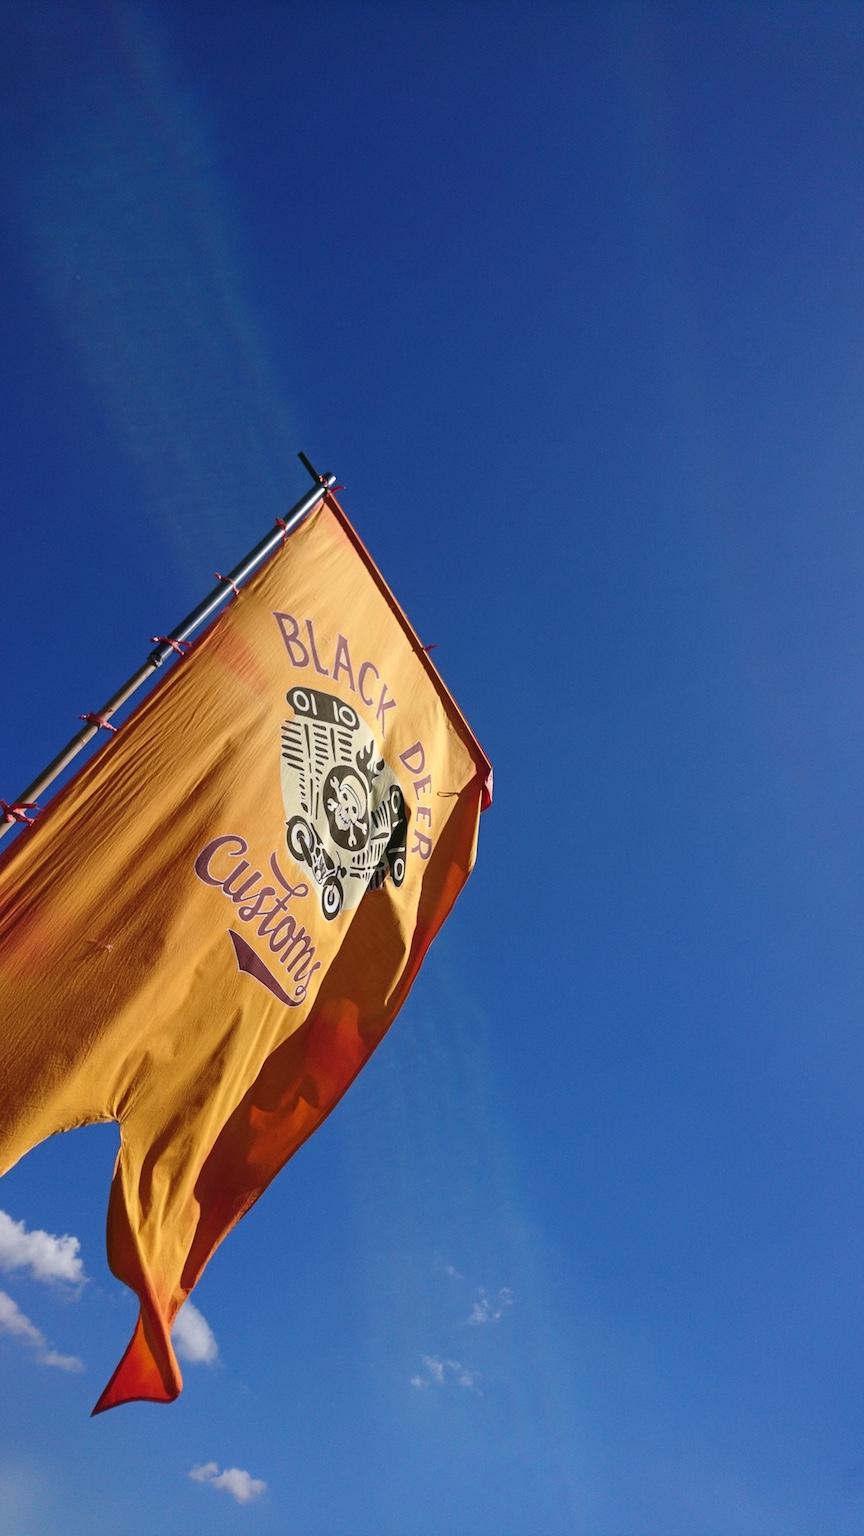 Black-Deer-Fest-Flag